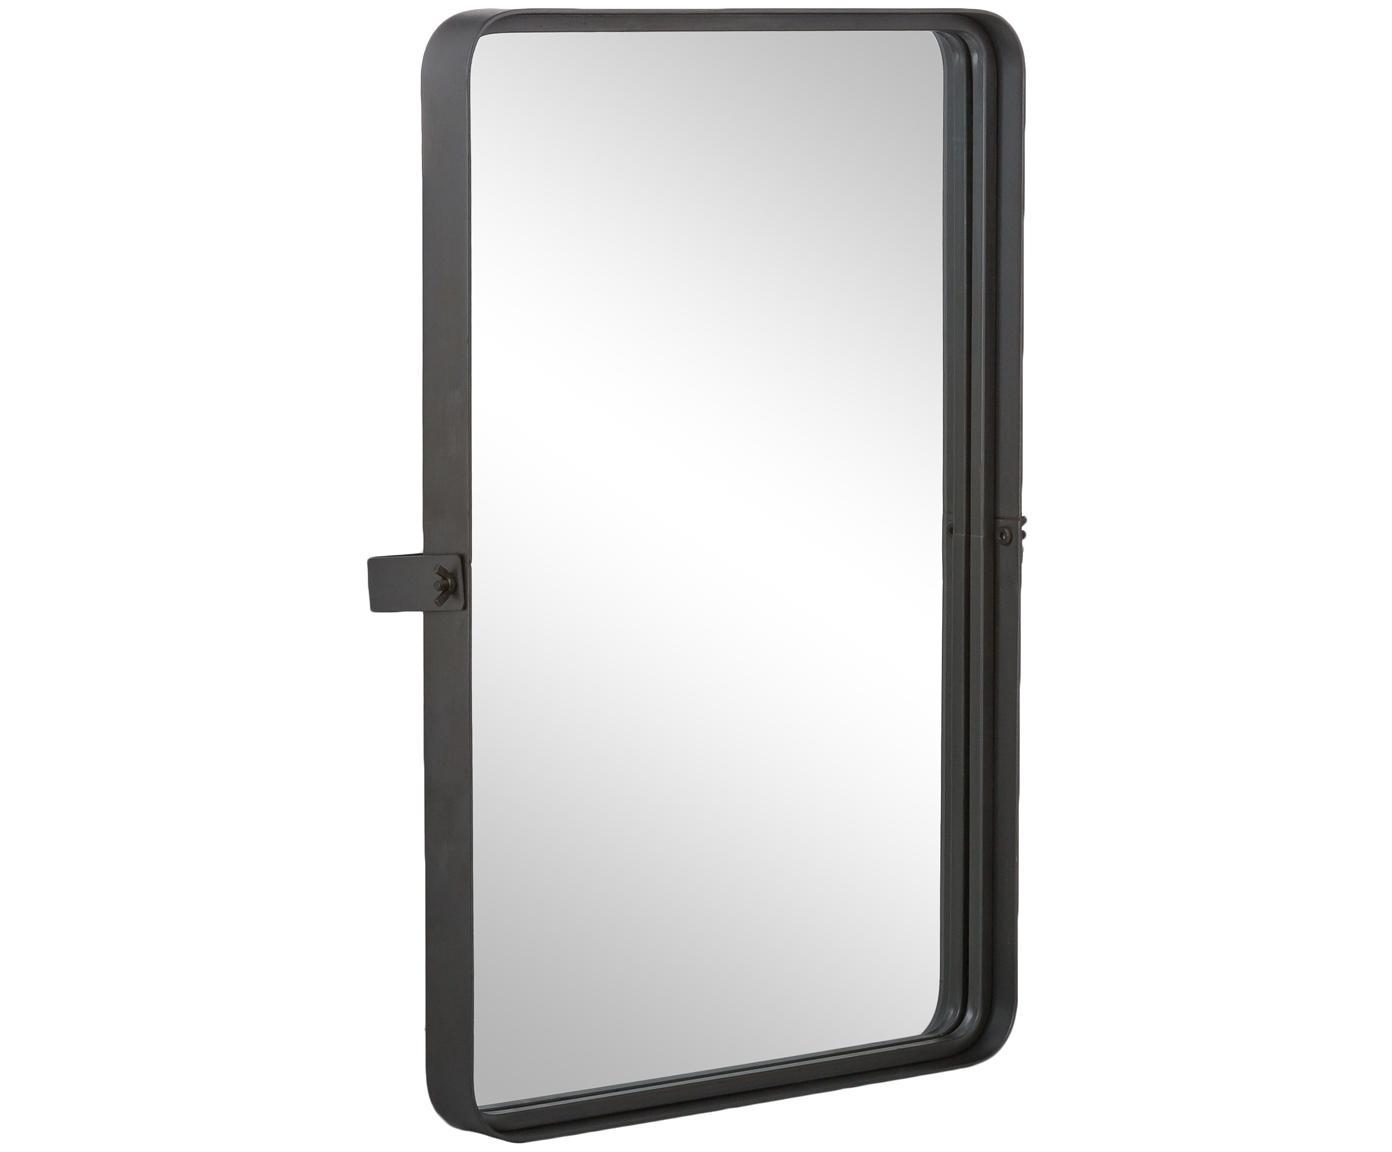 Prostokątne lustro ścienne Poke L, Korpus: płyta pilśniowa (MDF), Rama: ciemnyszary Lustro: szkło lustrzane, S 41 x W 60 cm